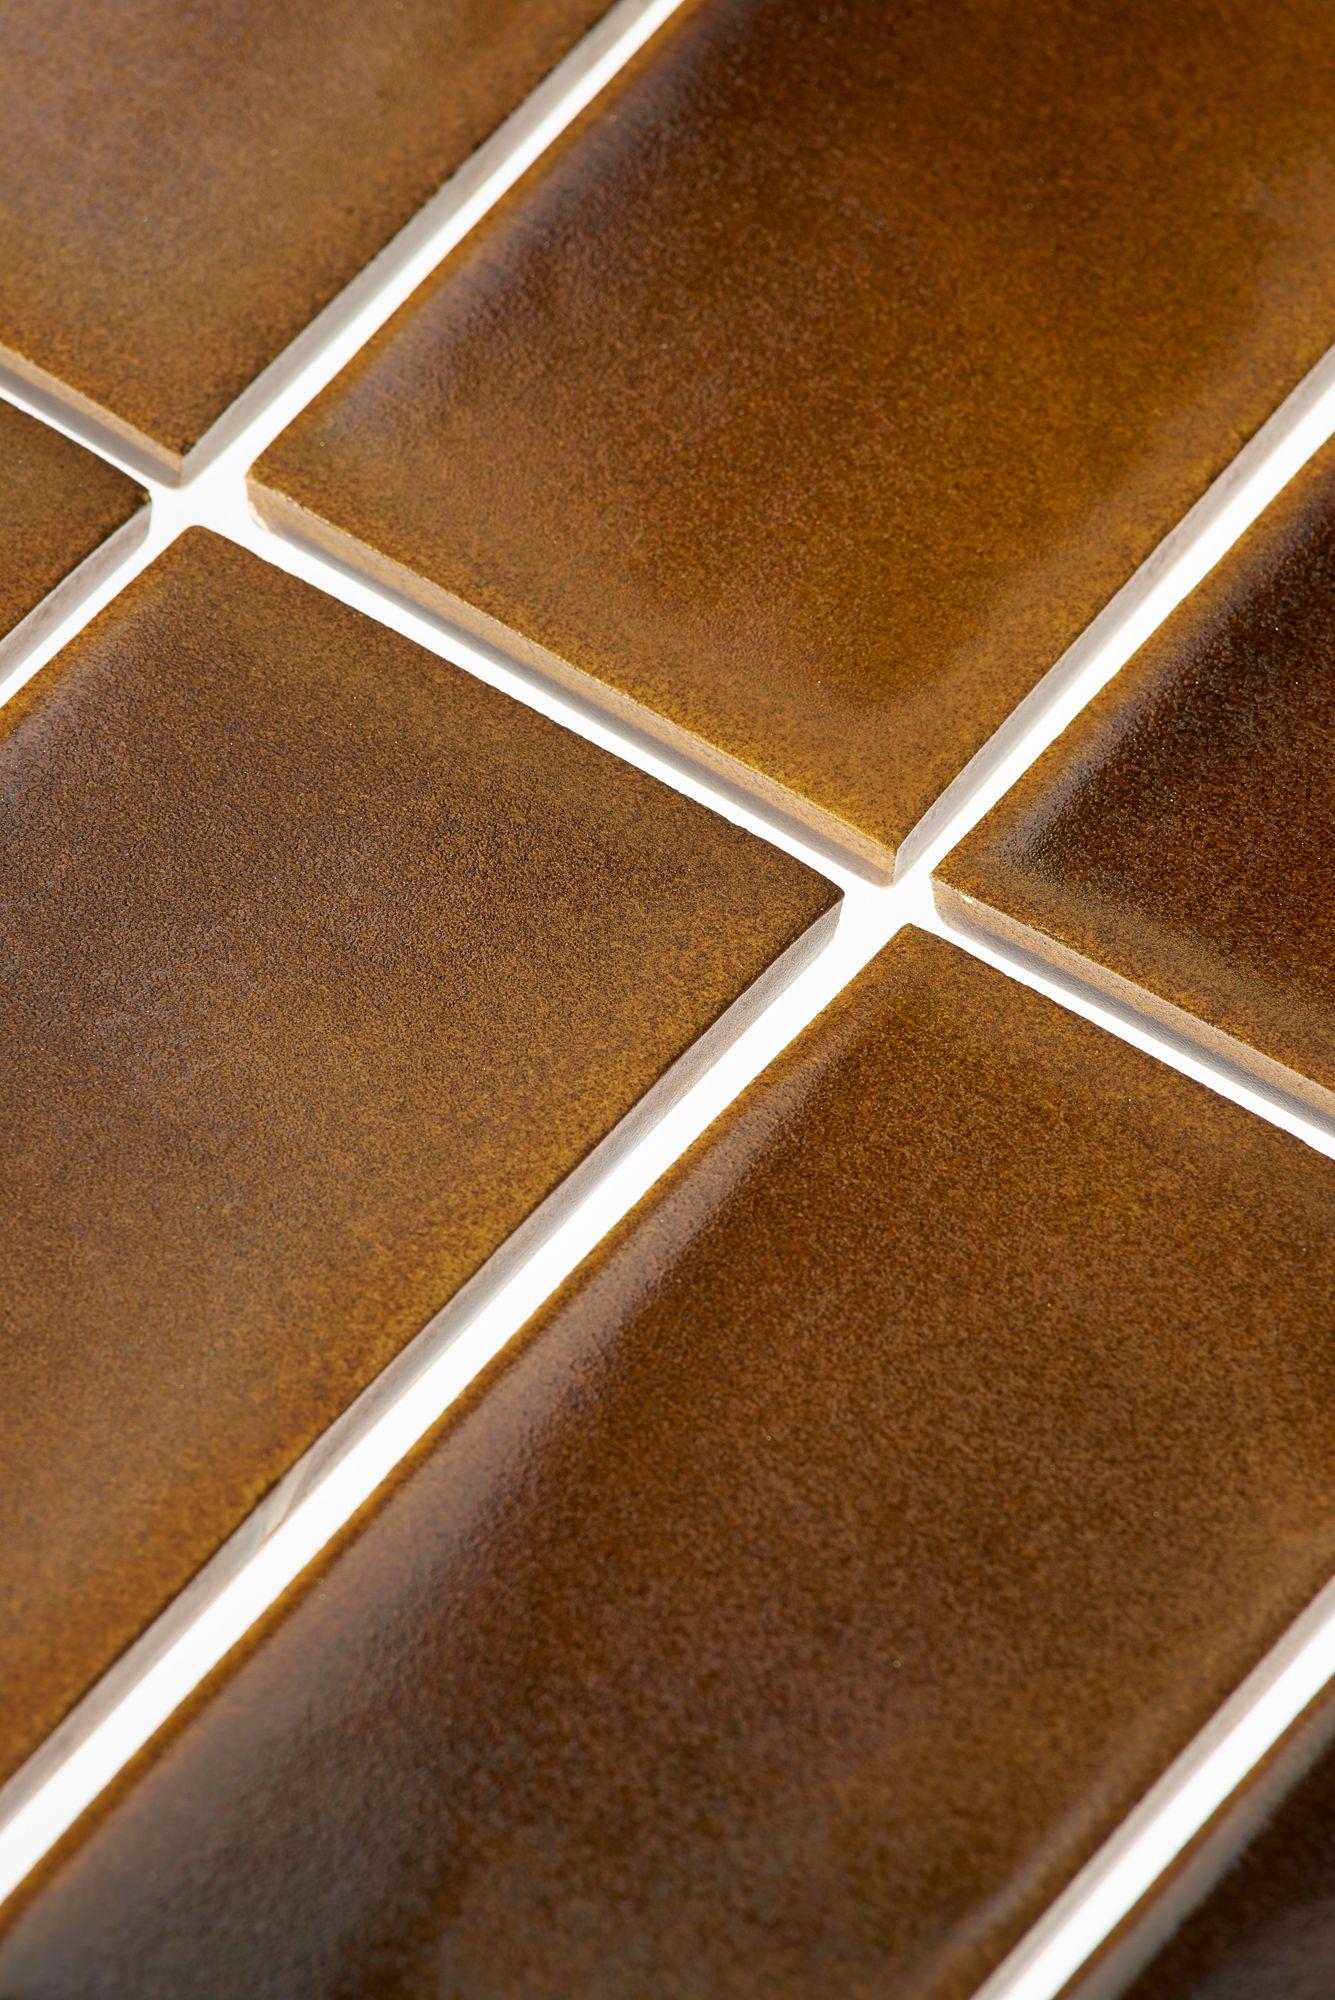 FE20SM_1 Iron Waste Glazed Tiles